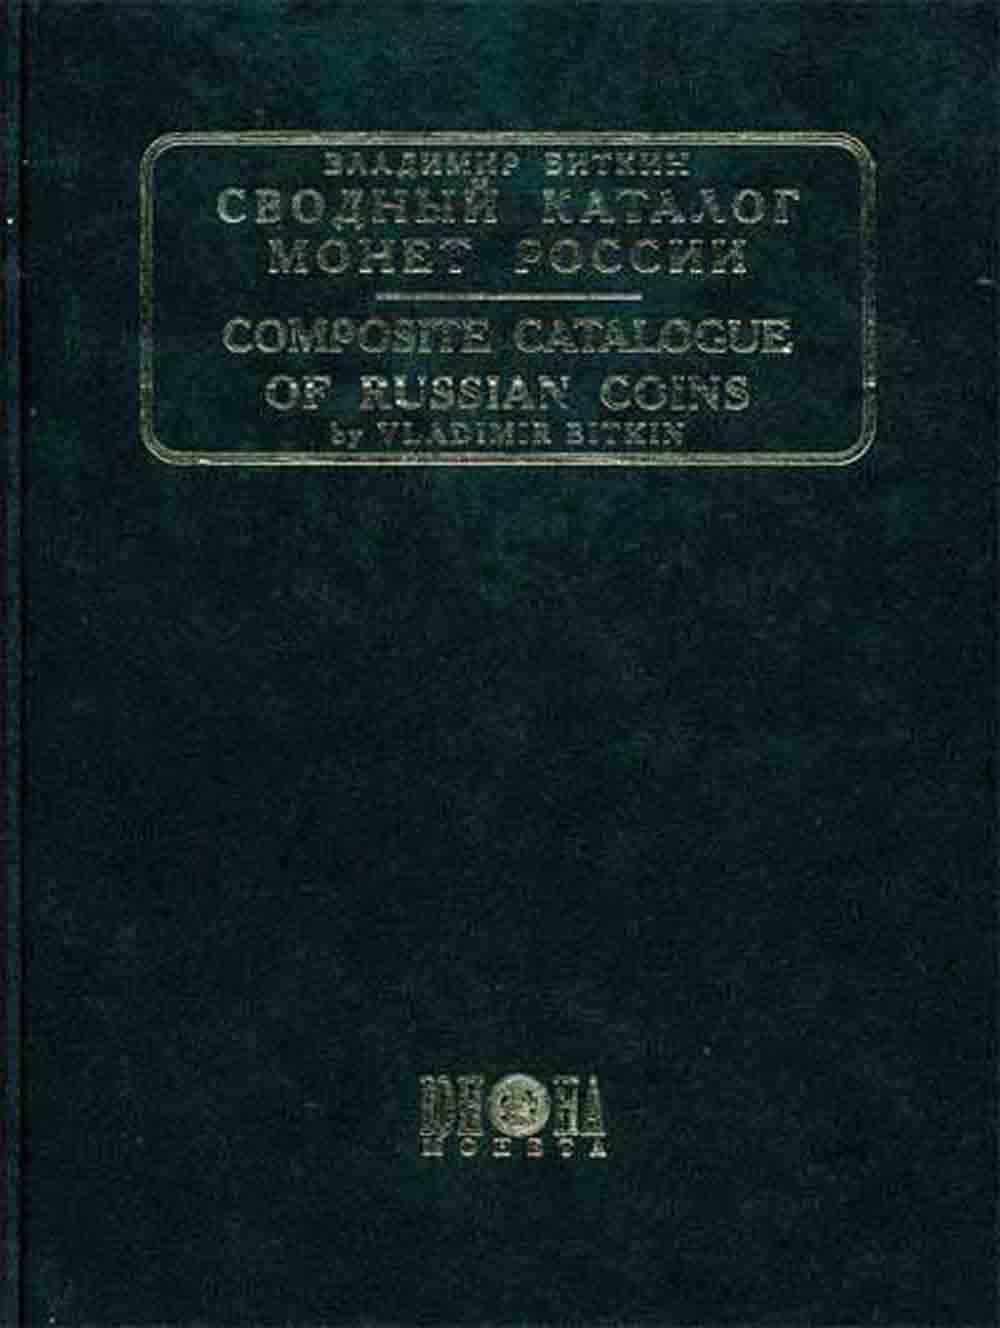 Том I. Сводный каталог монет России